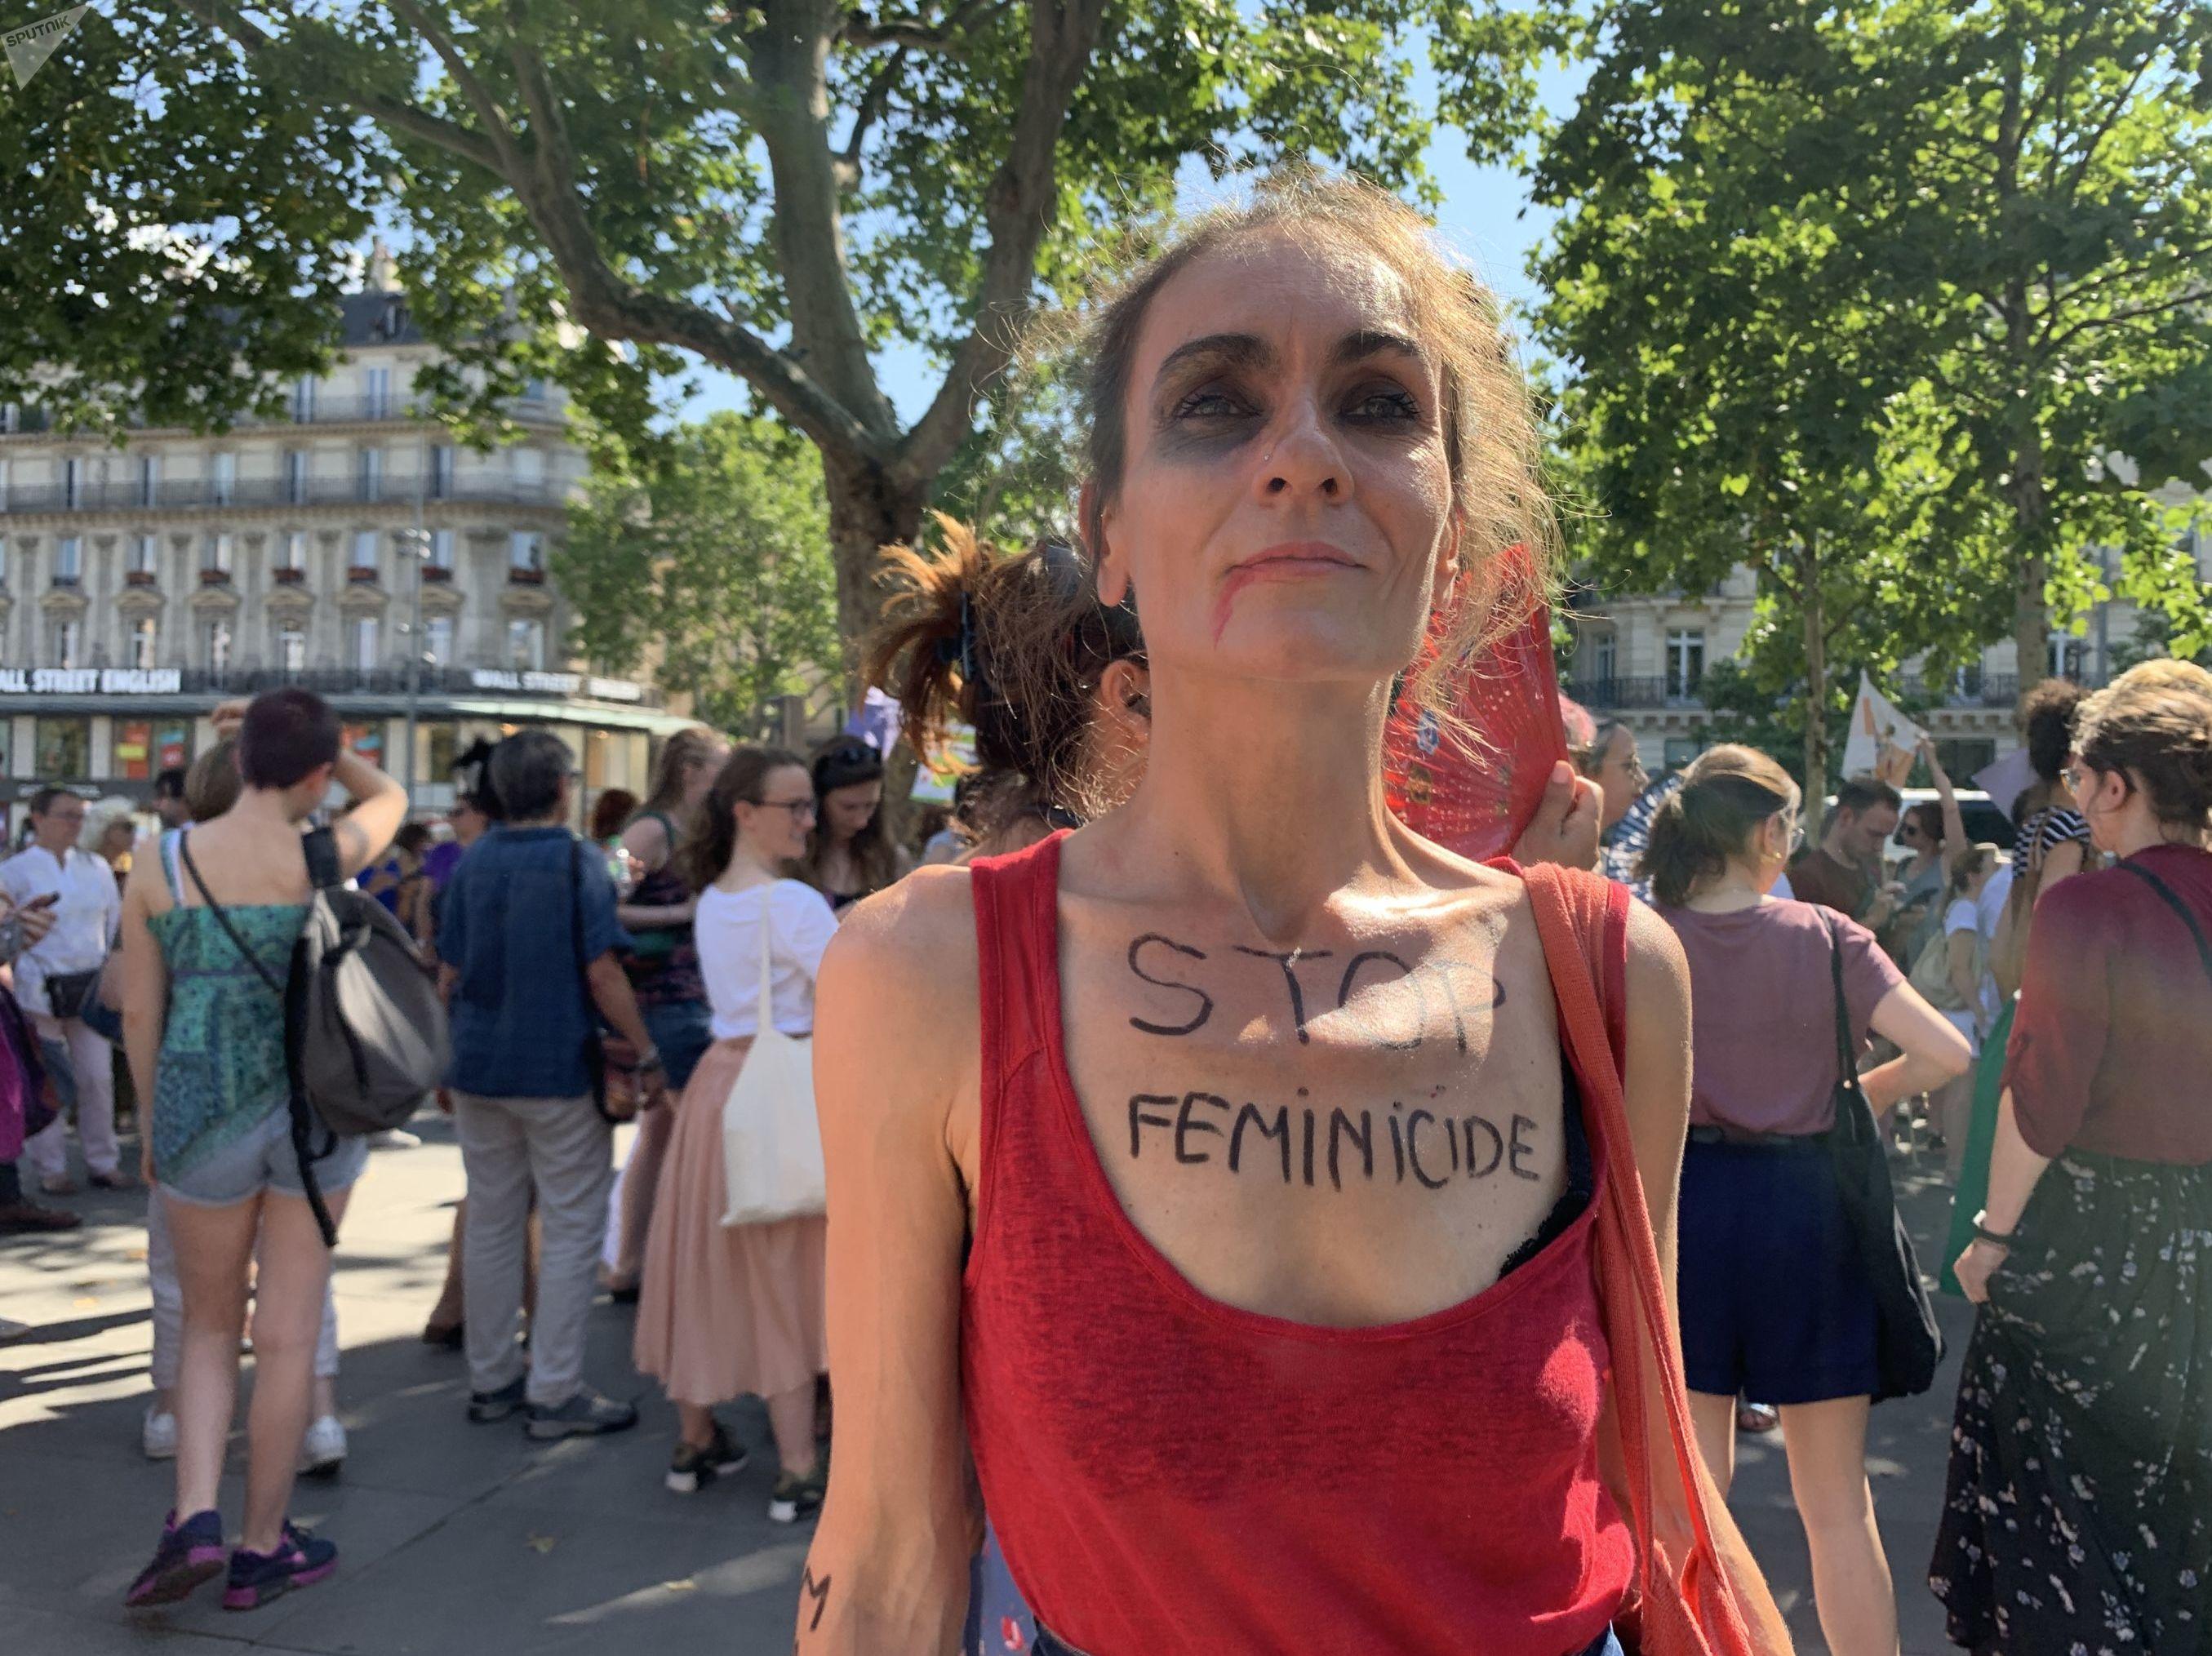 Rassemblement Stop Feminicides à Paris